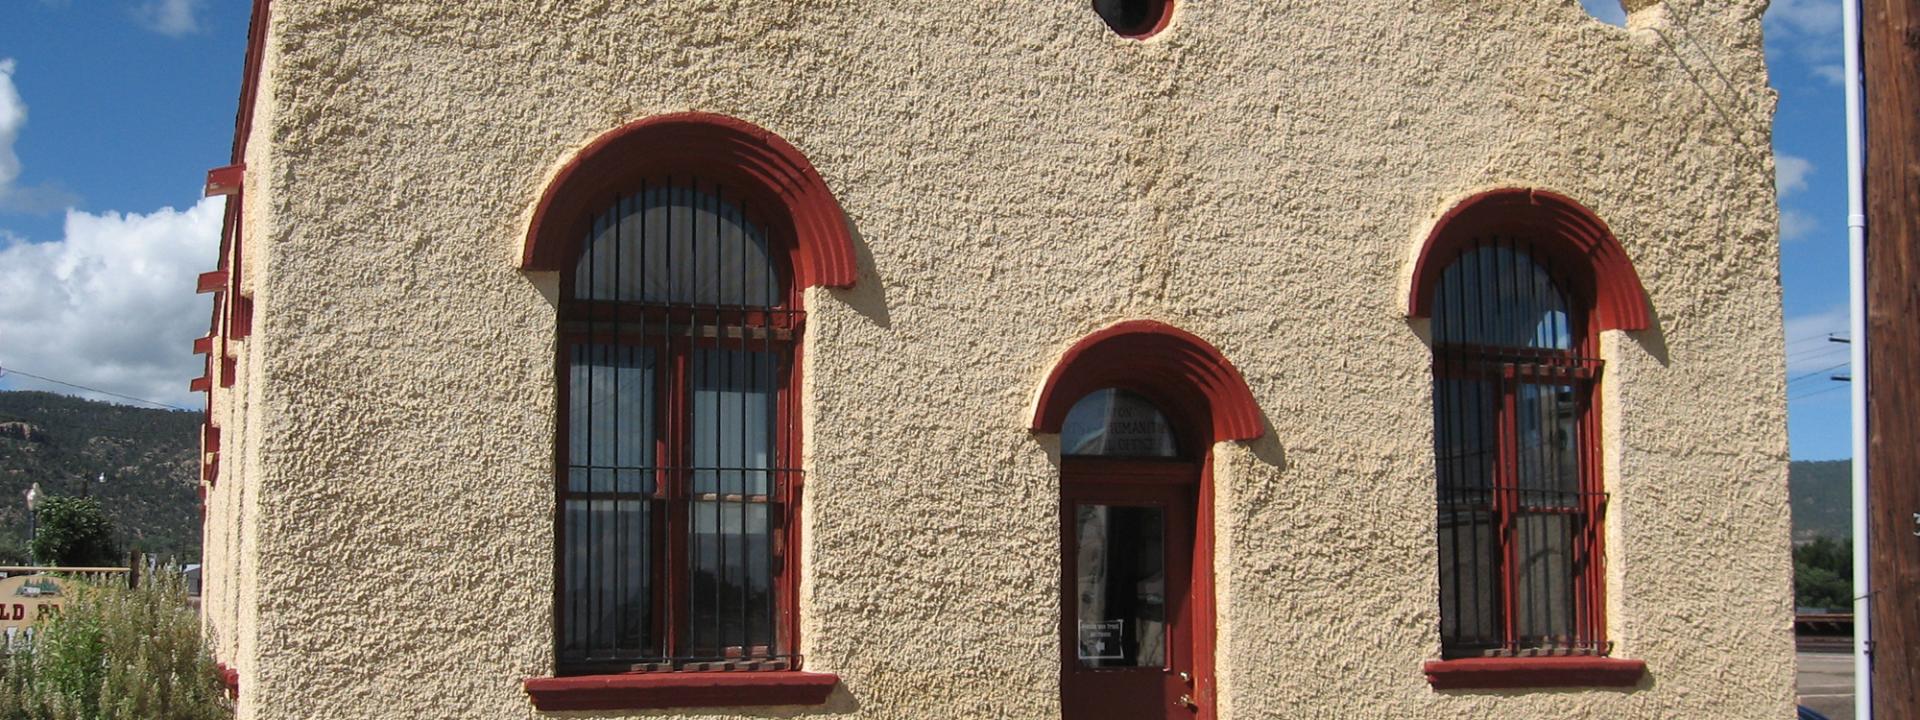 New Mexico Architecture trail